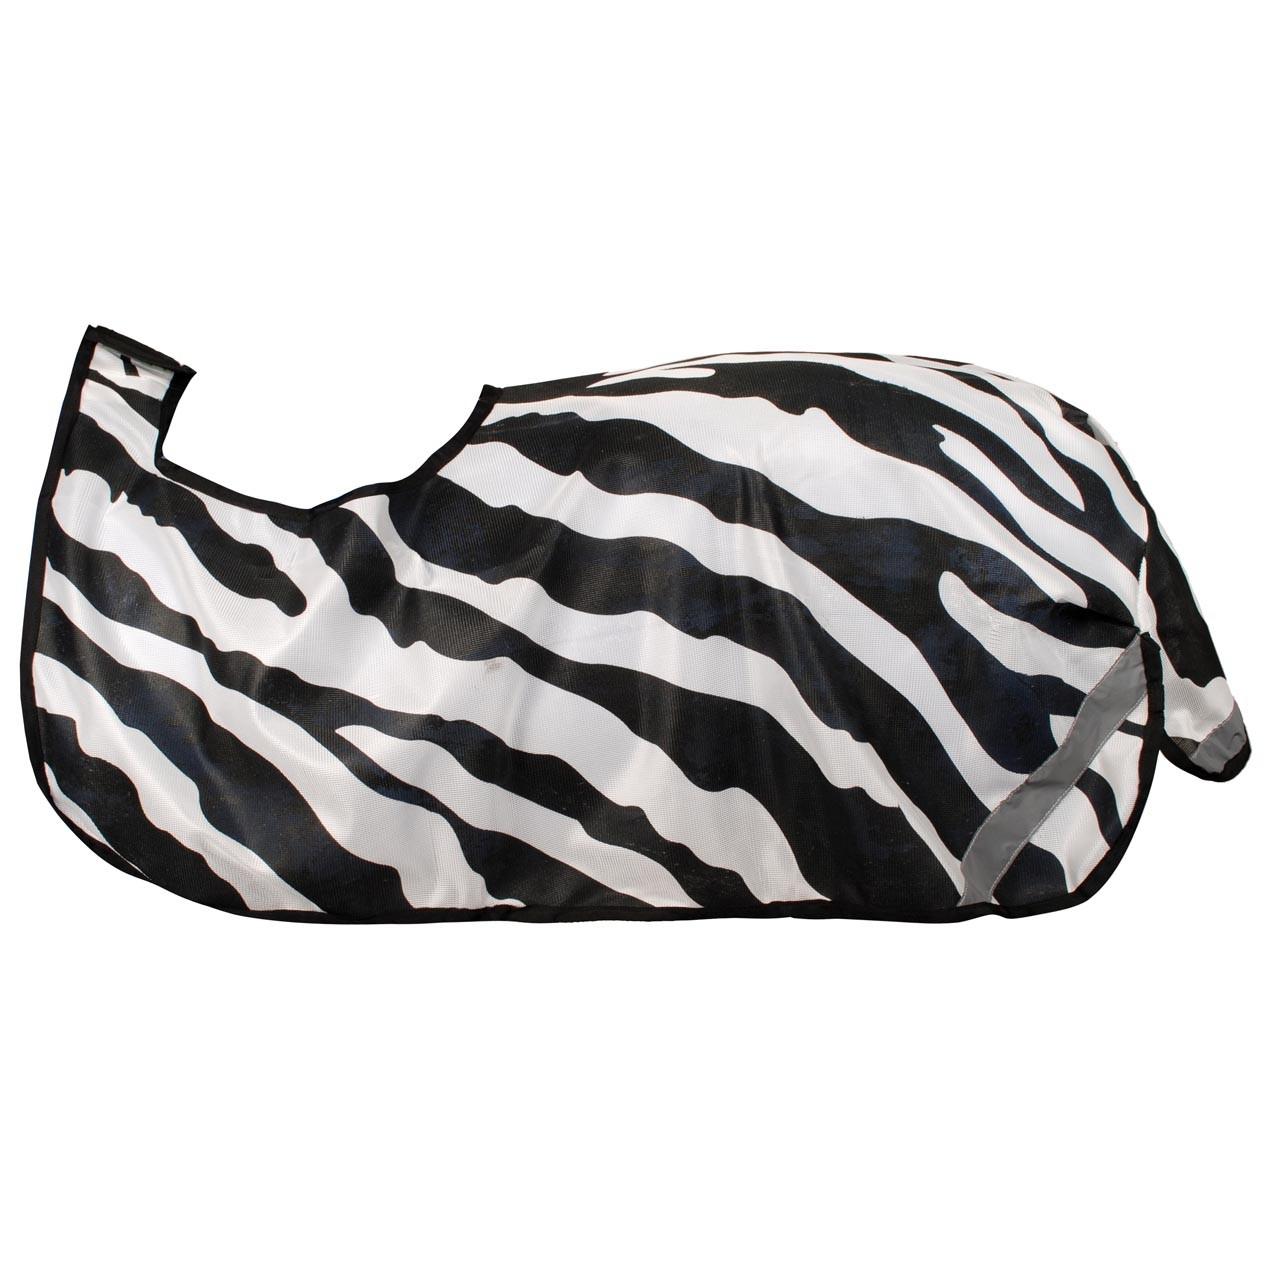 Bucas Zebra Ausreitdecke